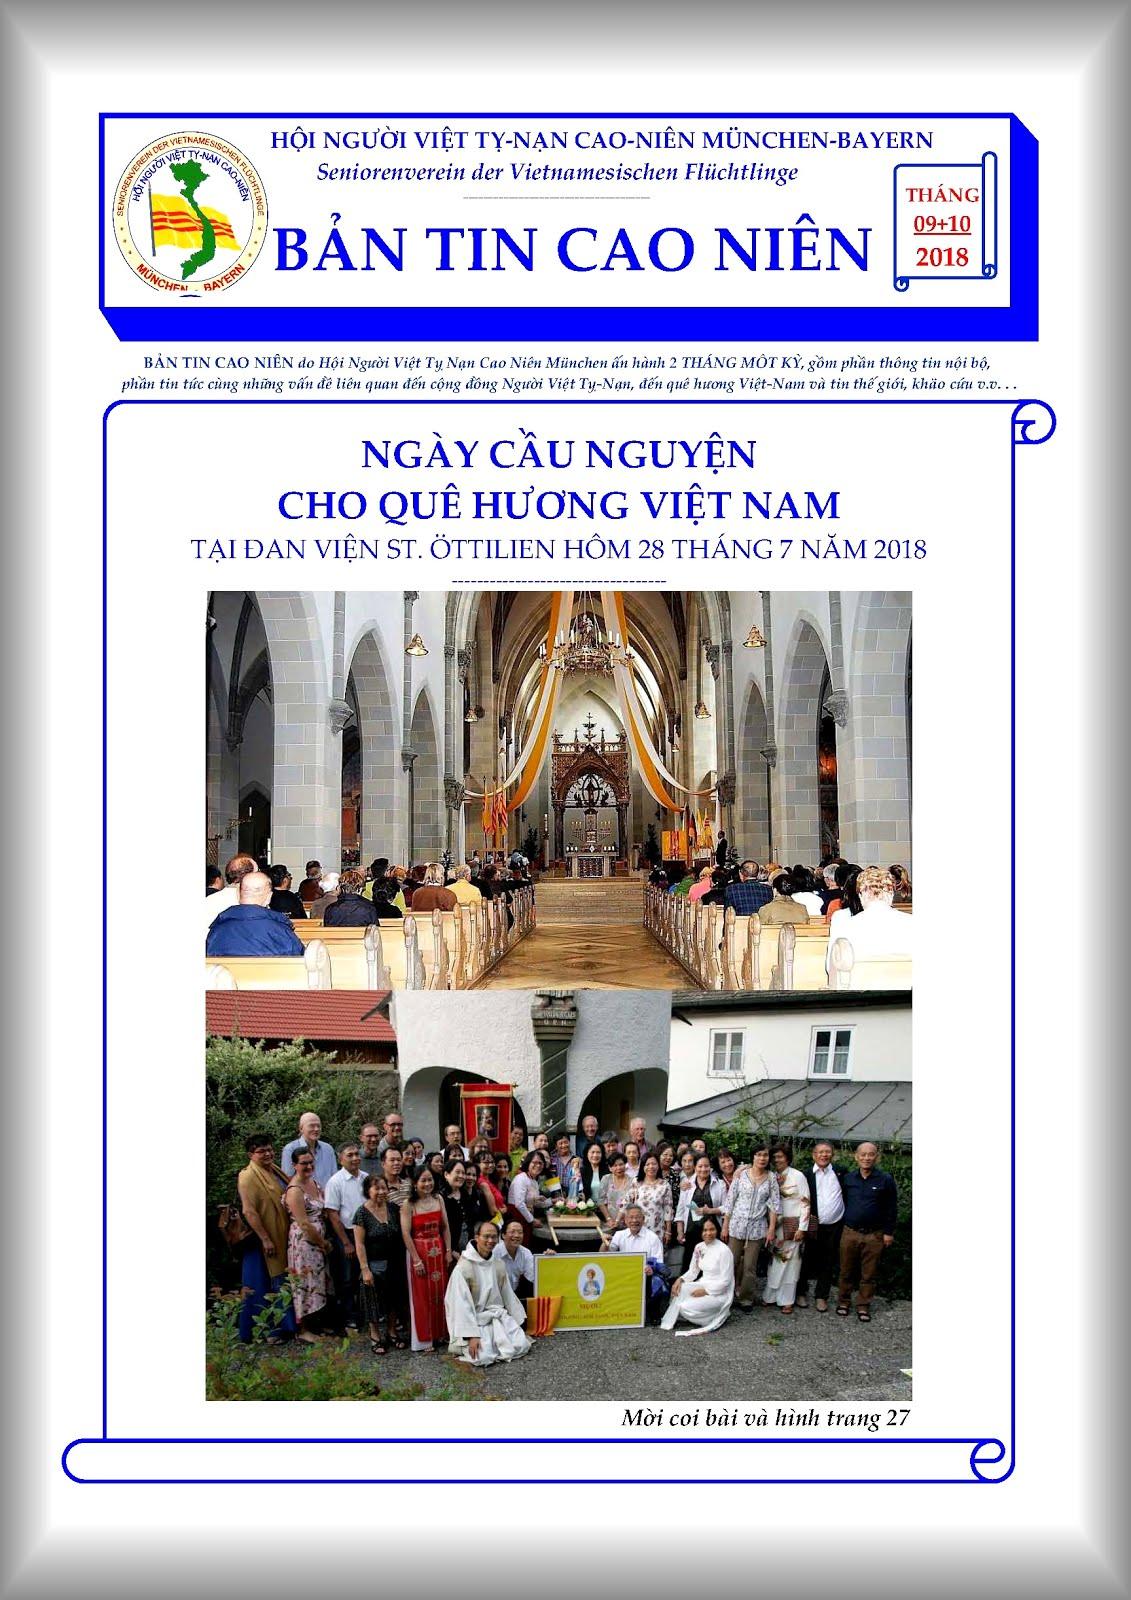 BẢN TIN CAO NIÊN 09+10-2018